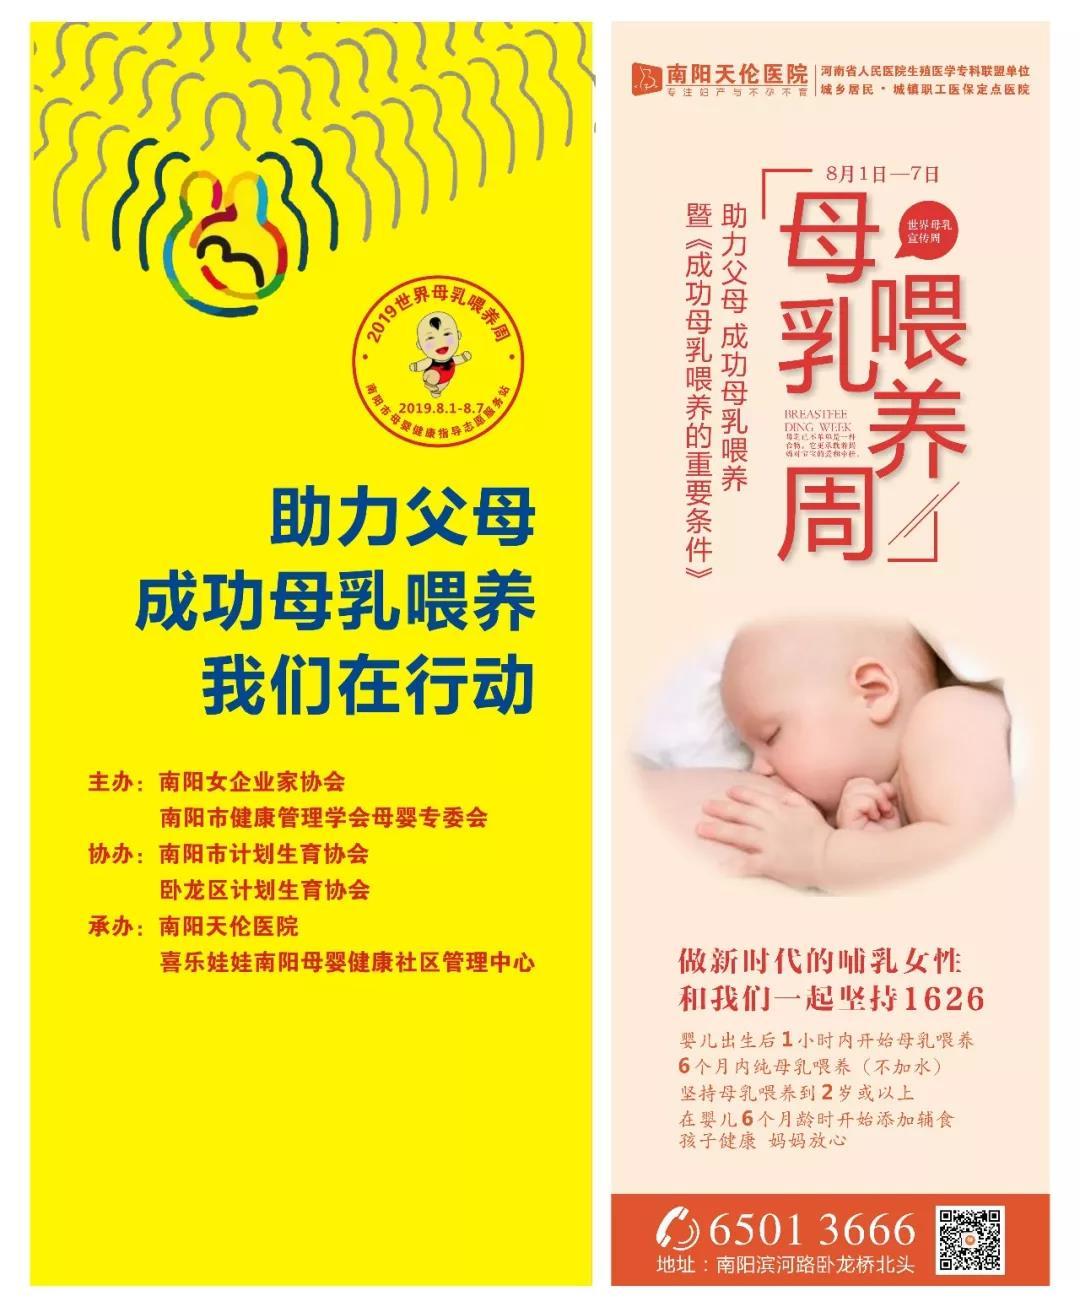 2019年世界母乳喂养周――助力父母,成功母乳喂养,我们在行动